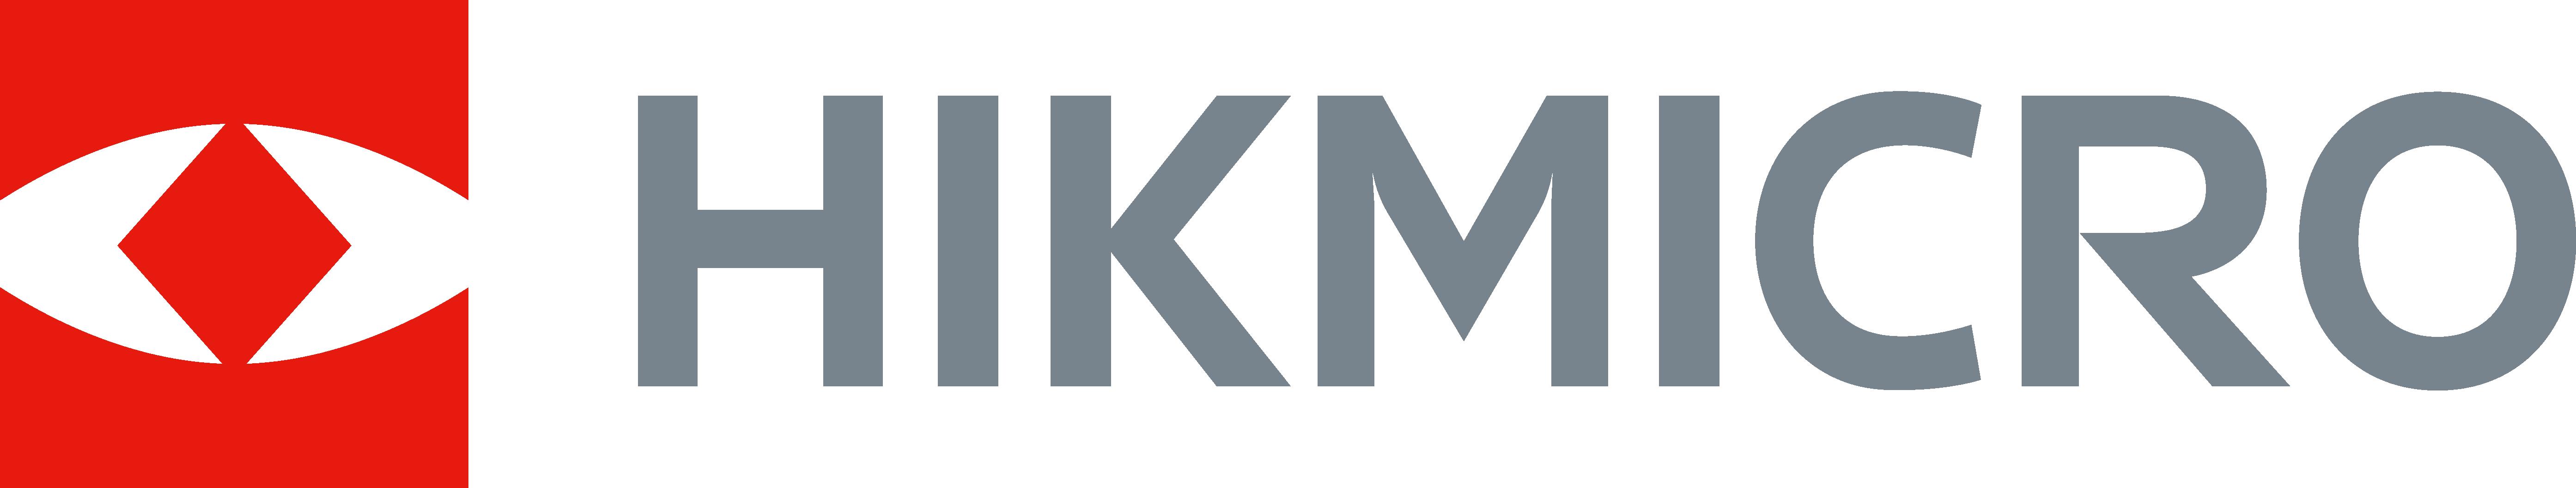 Hikmicro logo.